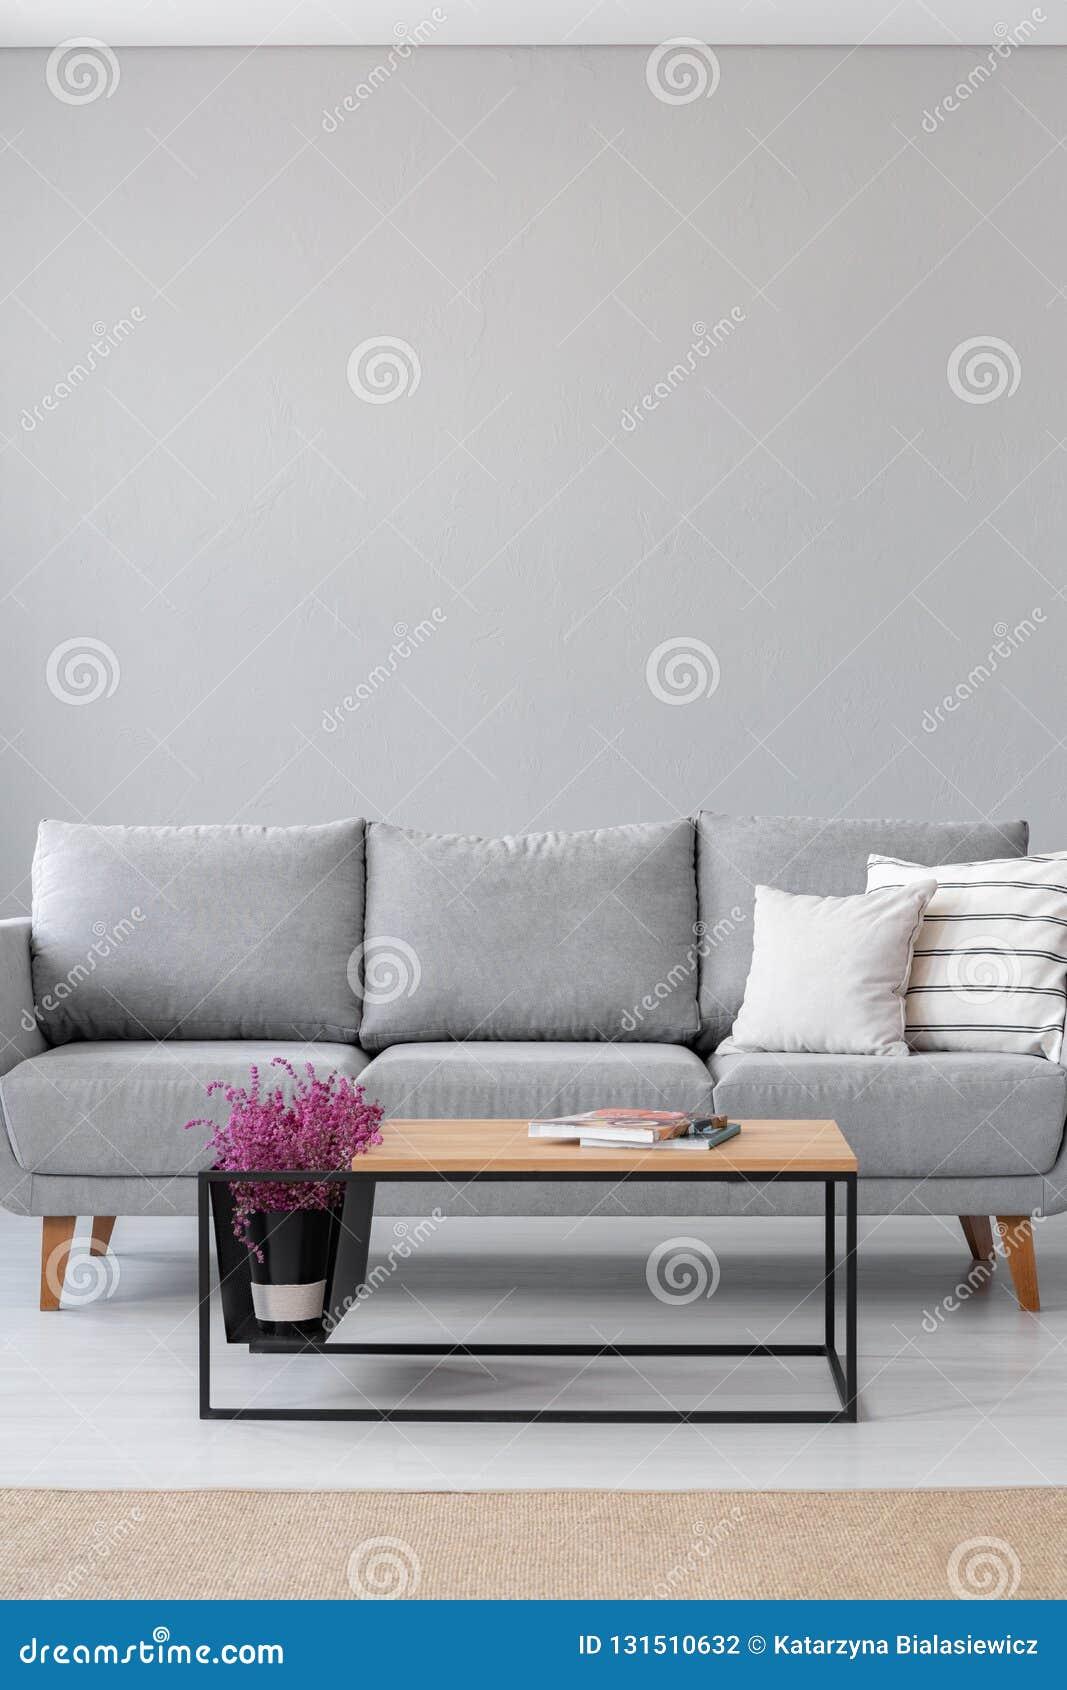 Μοντέρνο ξύλινο τραπεζάκι σαλονιού με τα περιοδικά και ερείκη δίπλα στον γκρίζο καναπέ με τα άσπρα μαξιλάρια